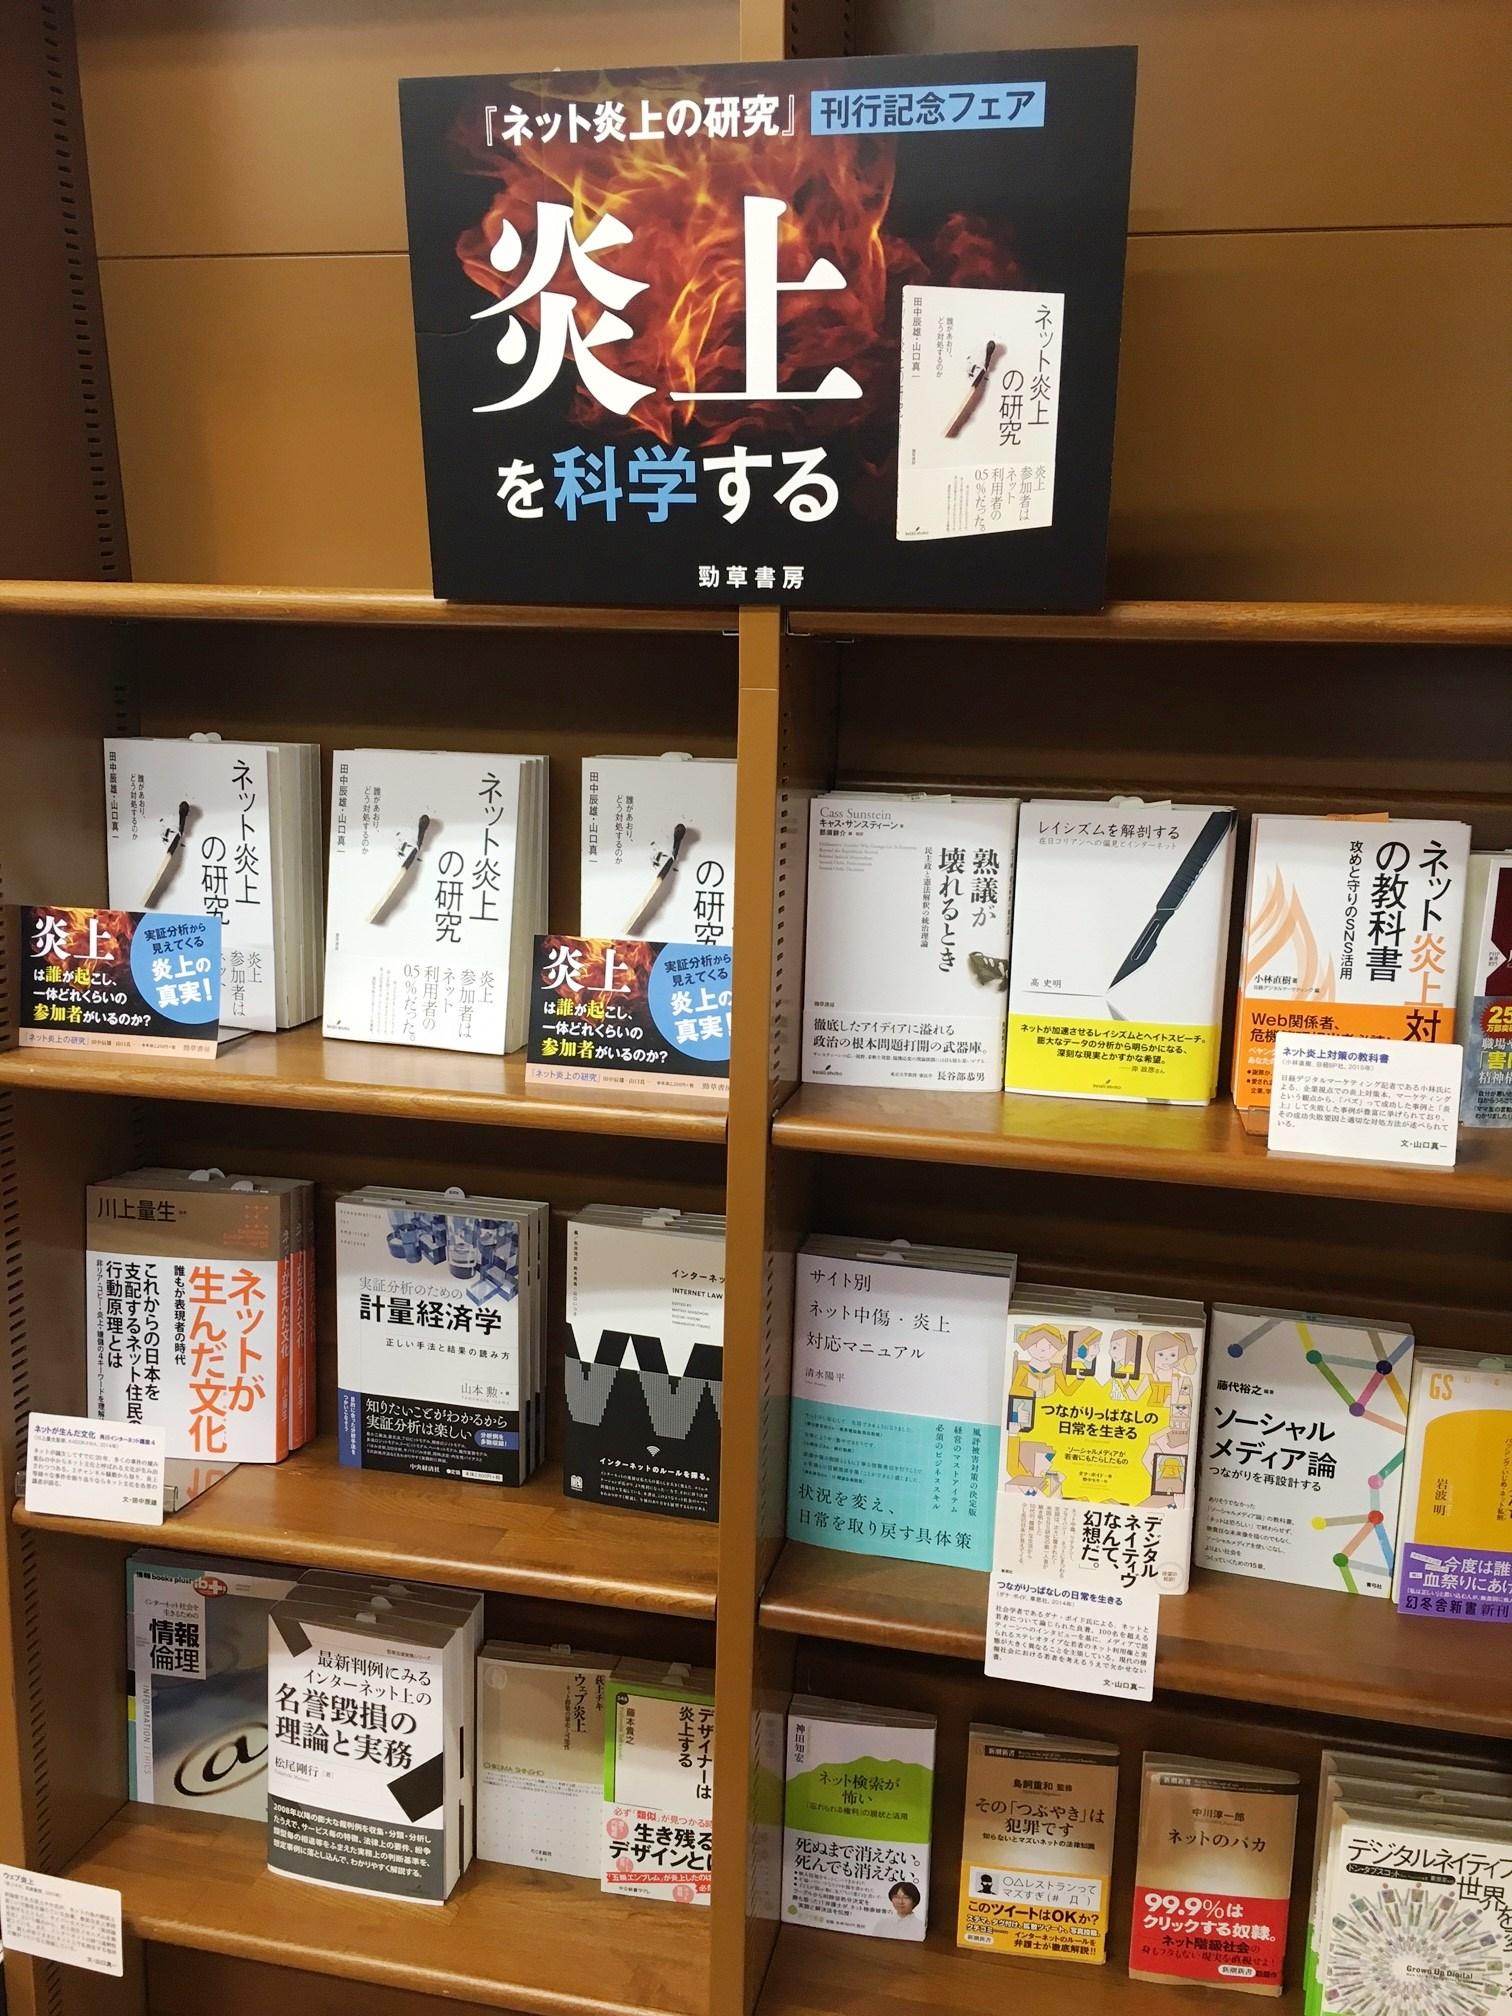 フェア「ネット炎上の研究」MARUZEN & ジュンク堂書店梅田店